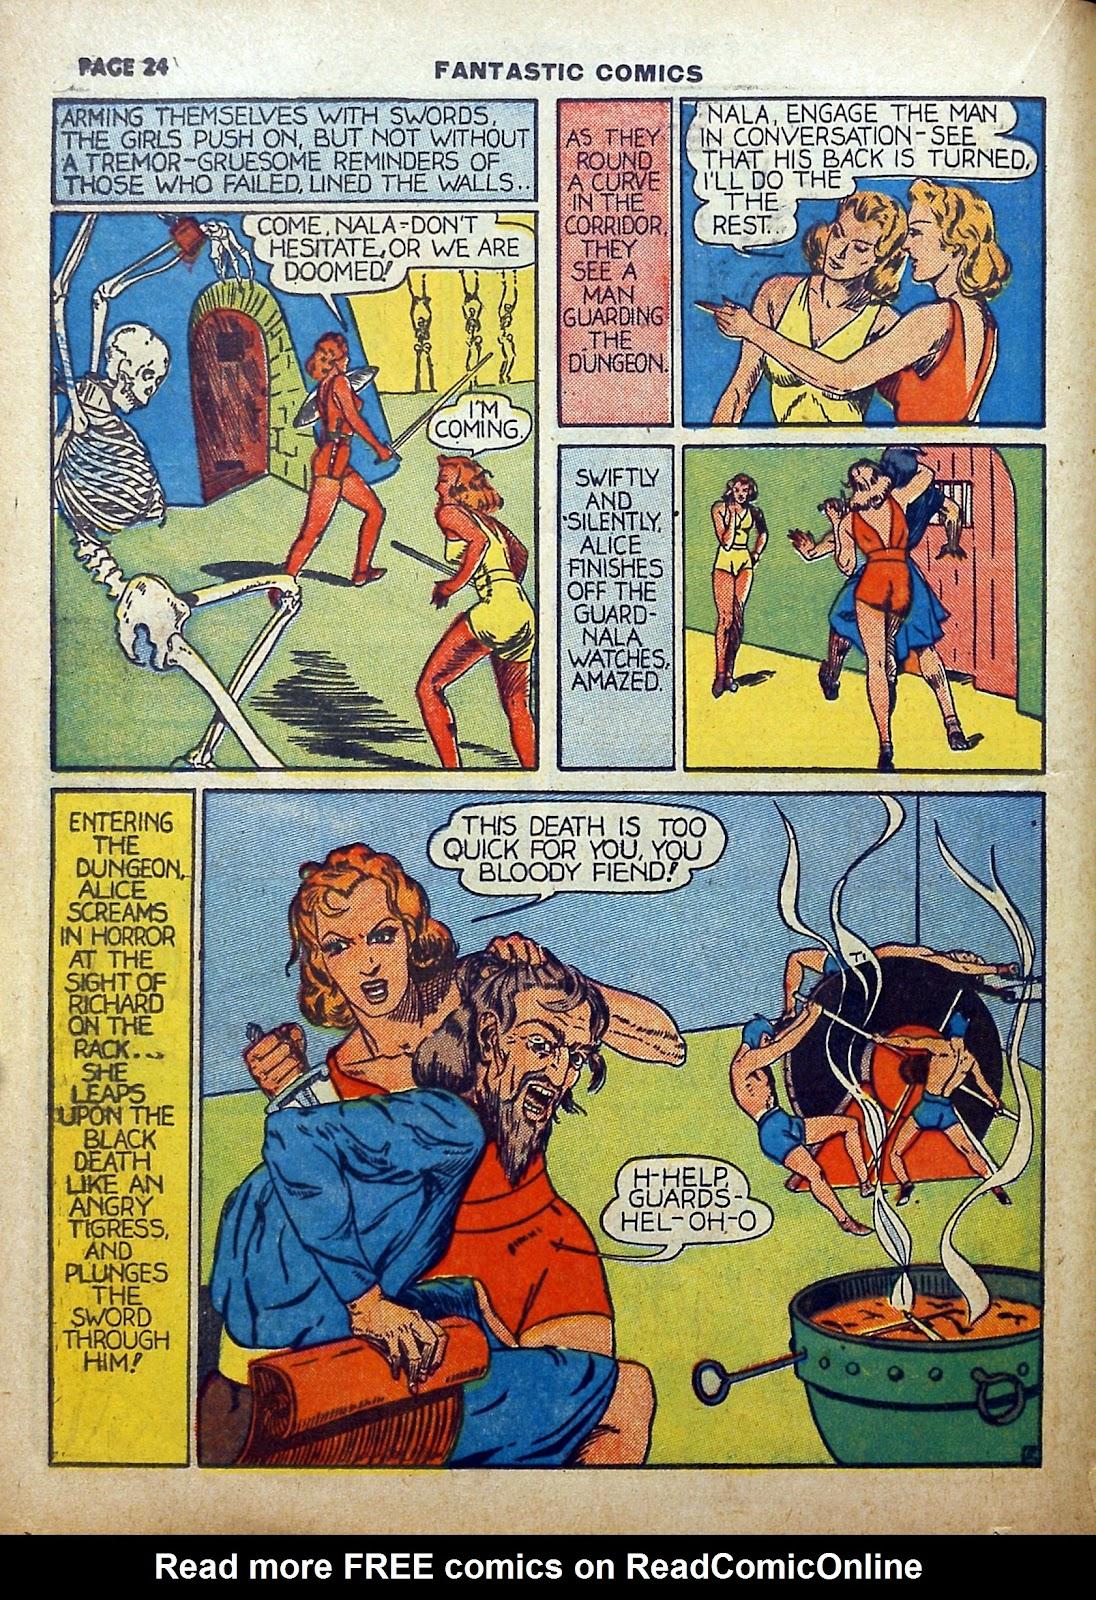 Read online Fantastic Comics comic -  Issue #5 - 25